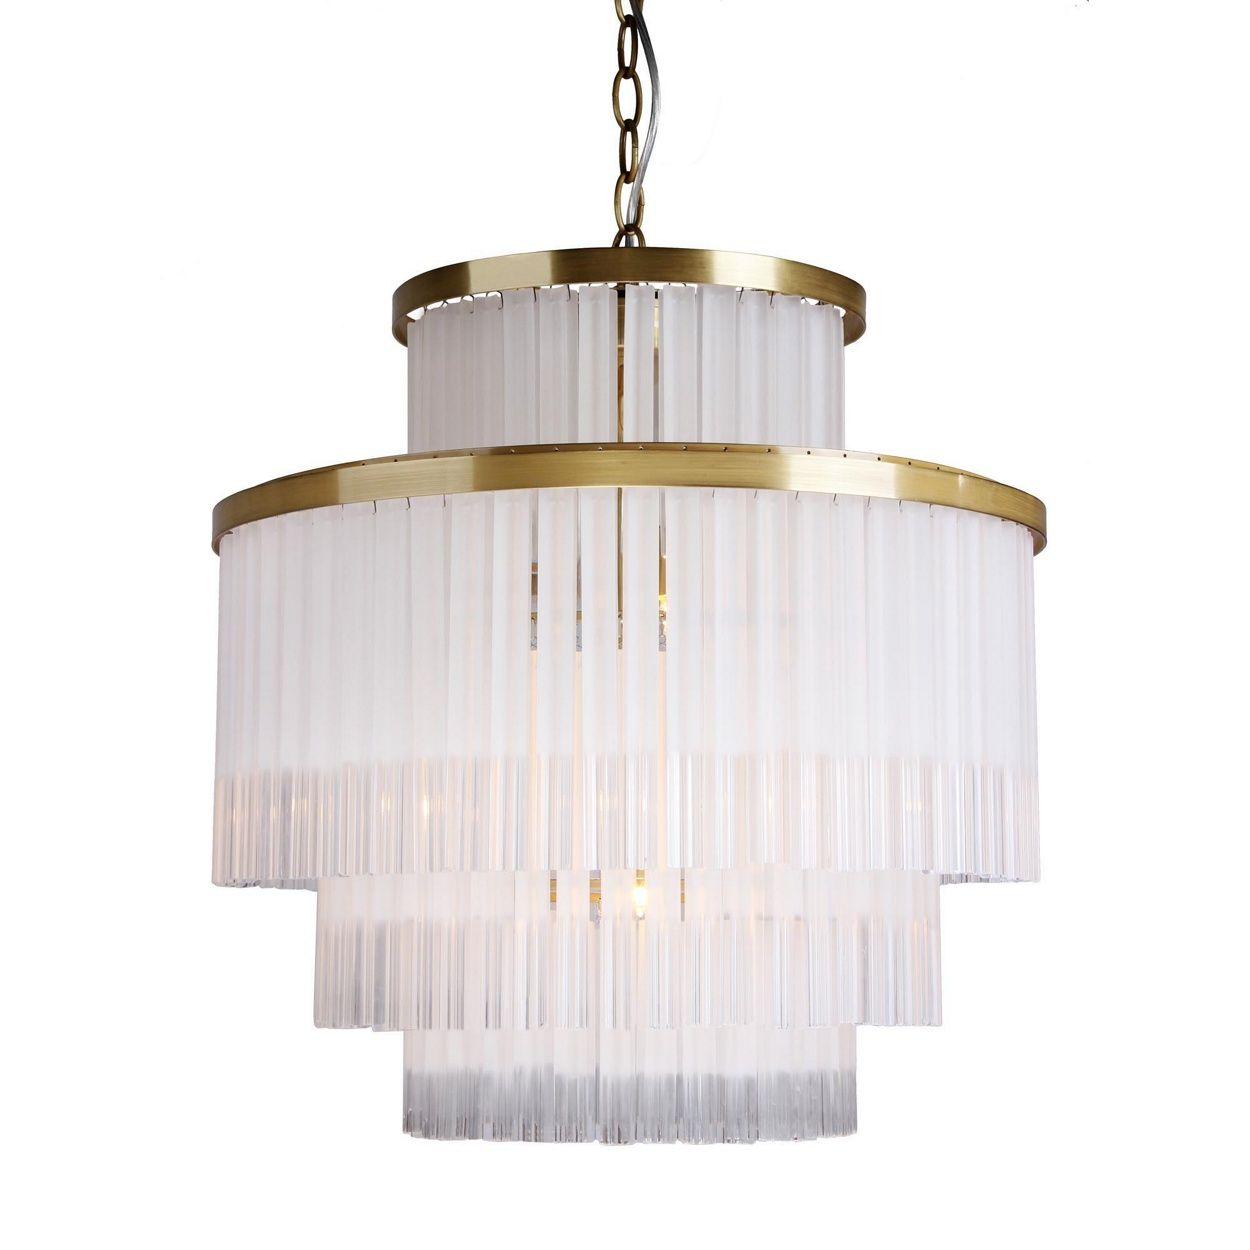 Debenhams Lighting Wall Lights Design Inspiration